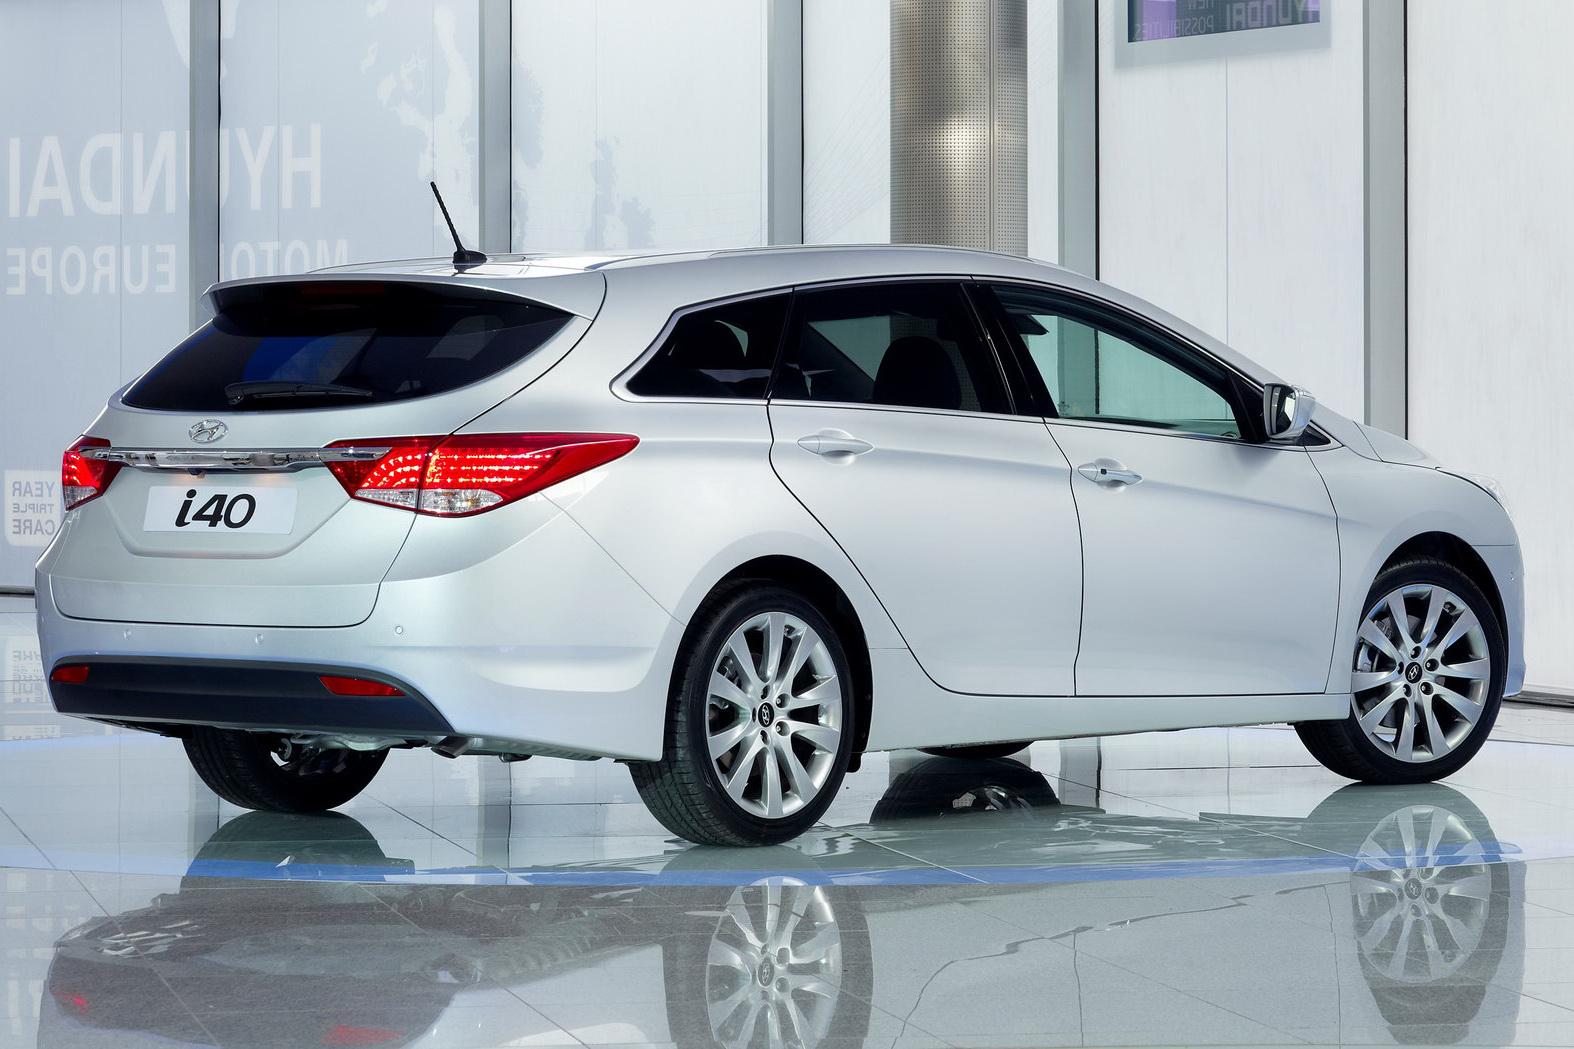 Hyundai i40 I 2011 - 2015 Station wagon 5 door #1